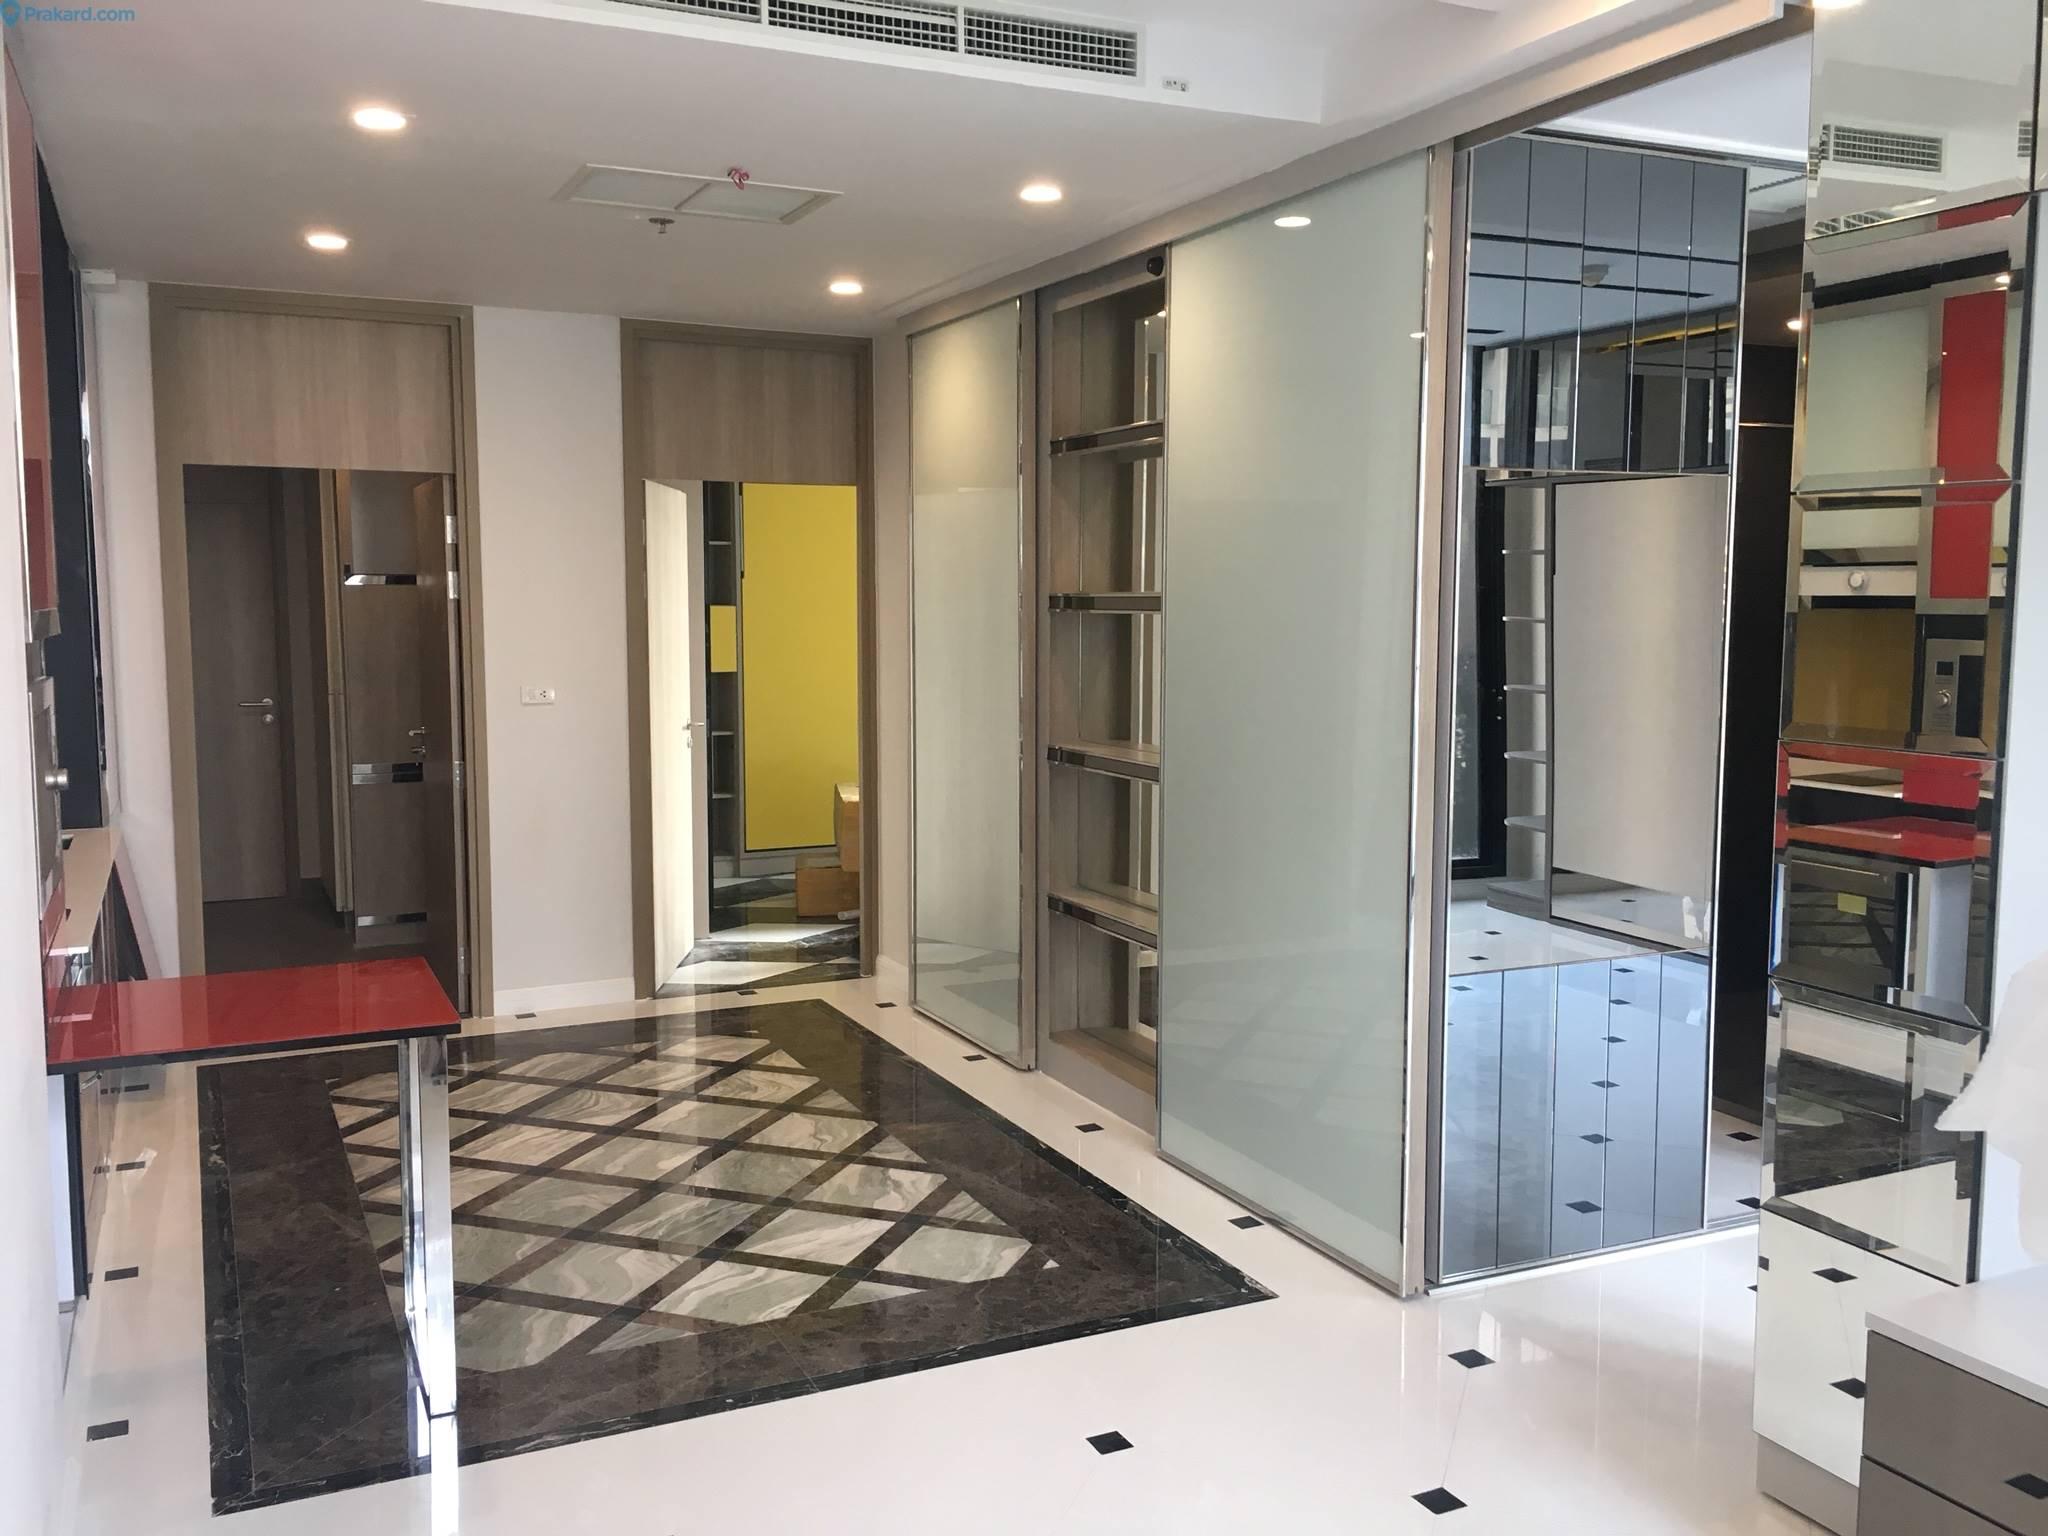 ภาพNoble Ploenchit - Beautifully Furnished & Ready To Move In / BTS Skywalk Access